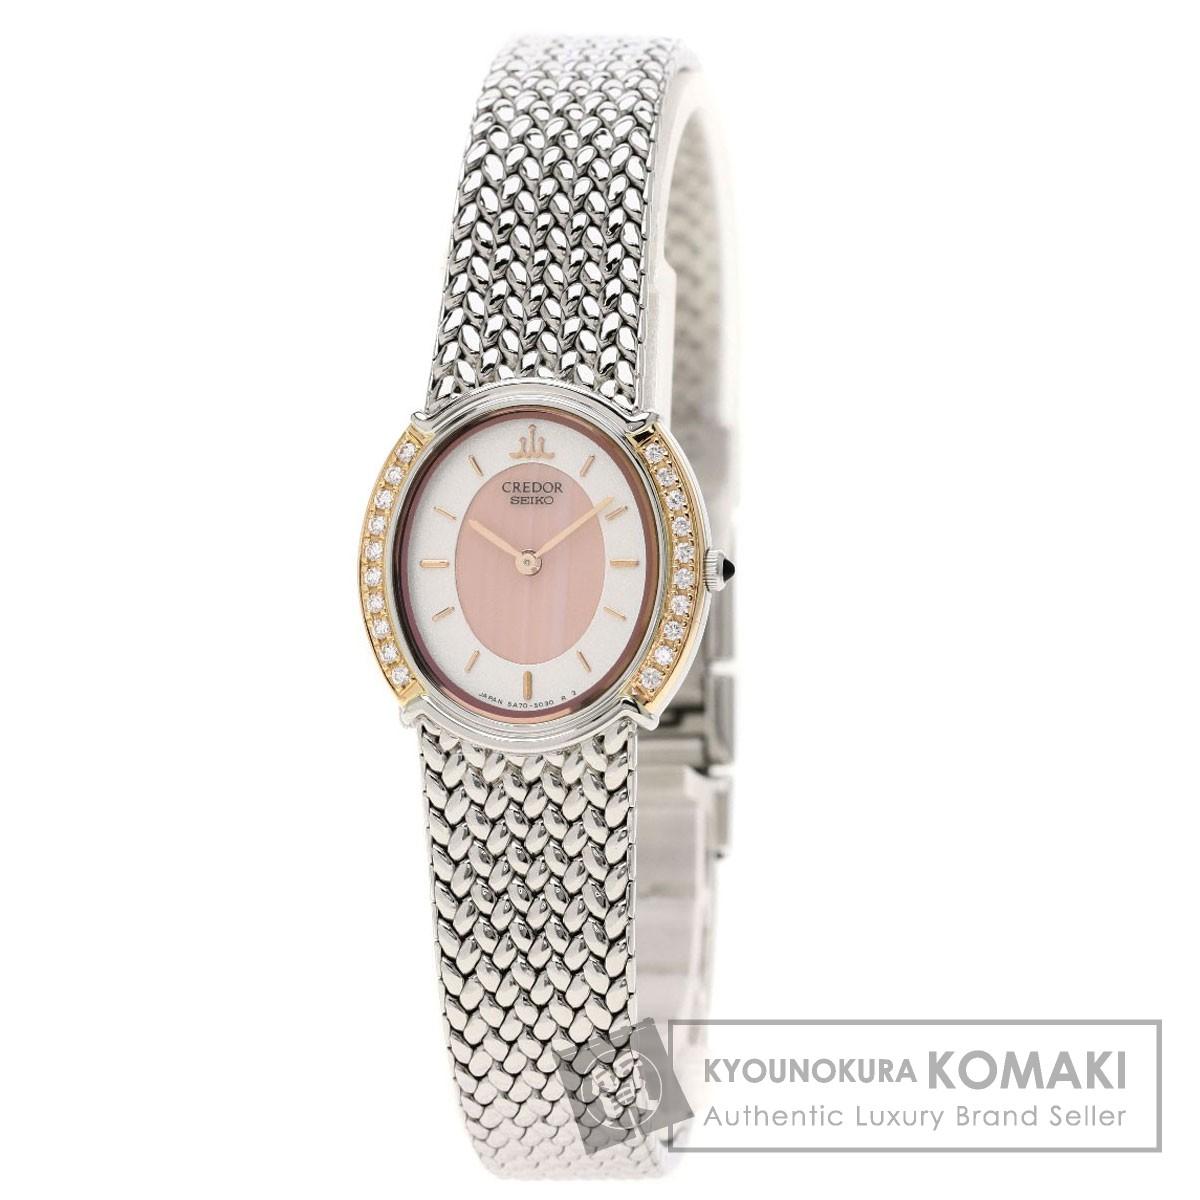 セイコー GSWE986 5A70-3000 クレドール ダイヤモンドベゼル 腕時計 ステンレススチール/SS/K18YG レディース 【中古】【SEIKO】